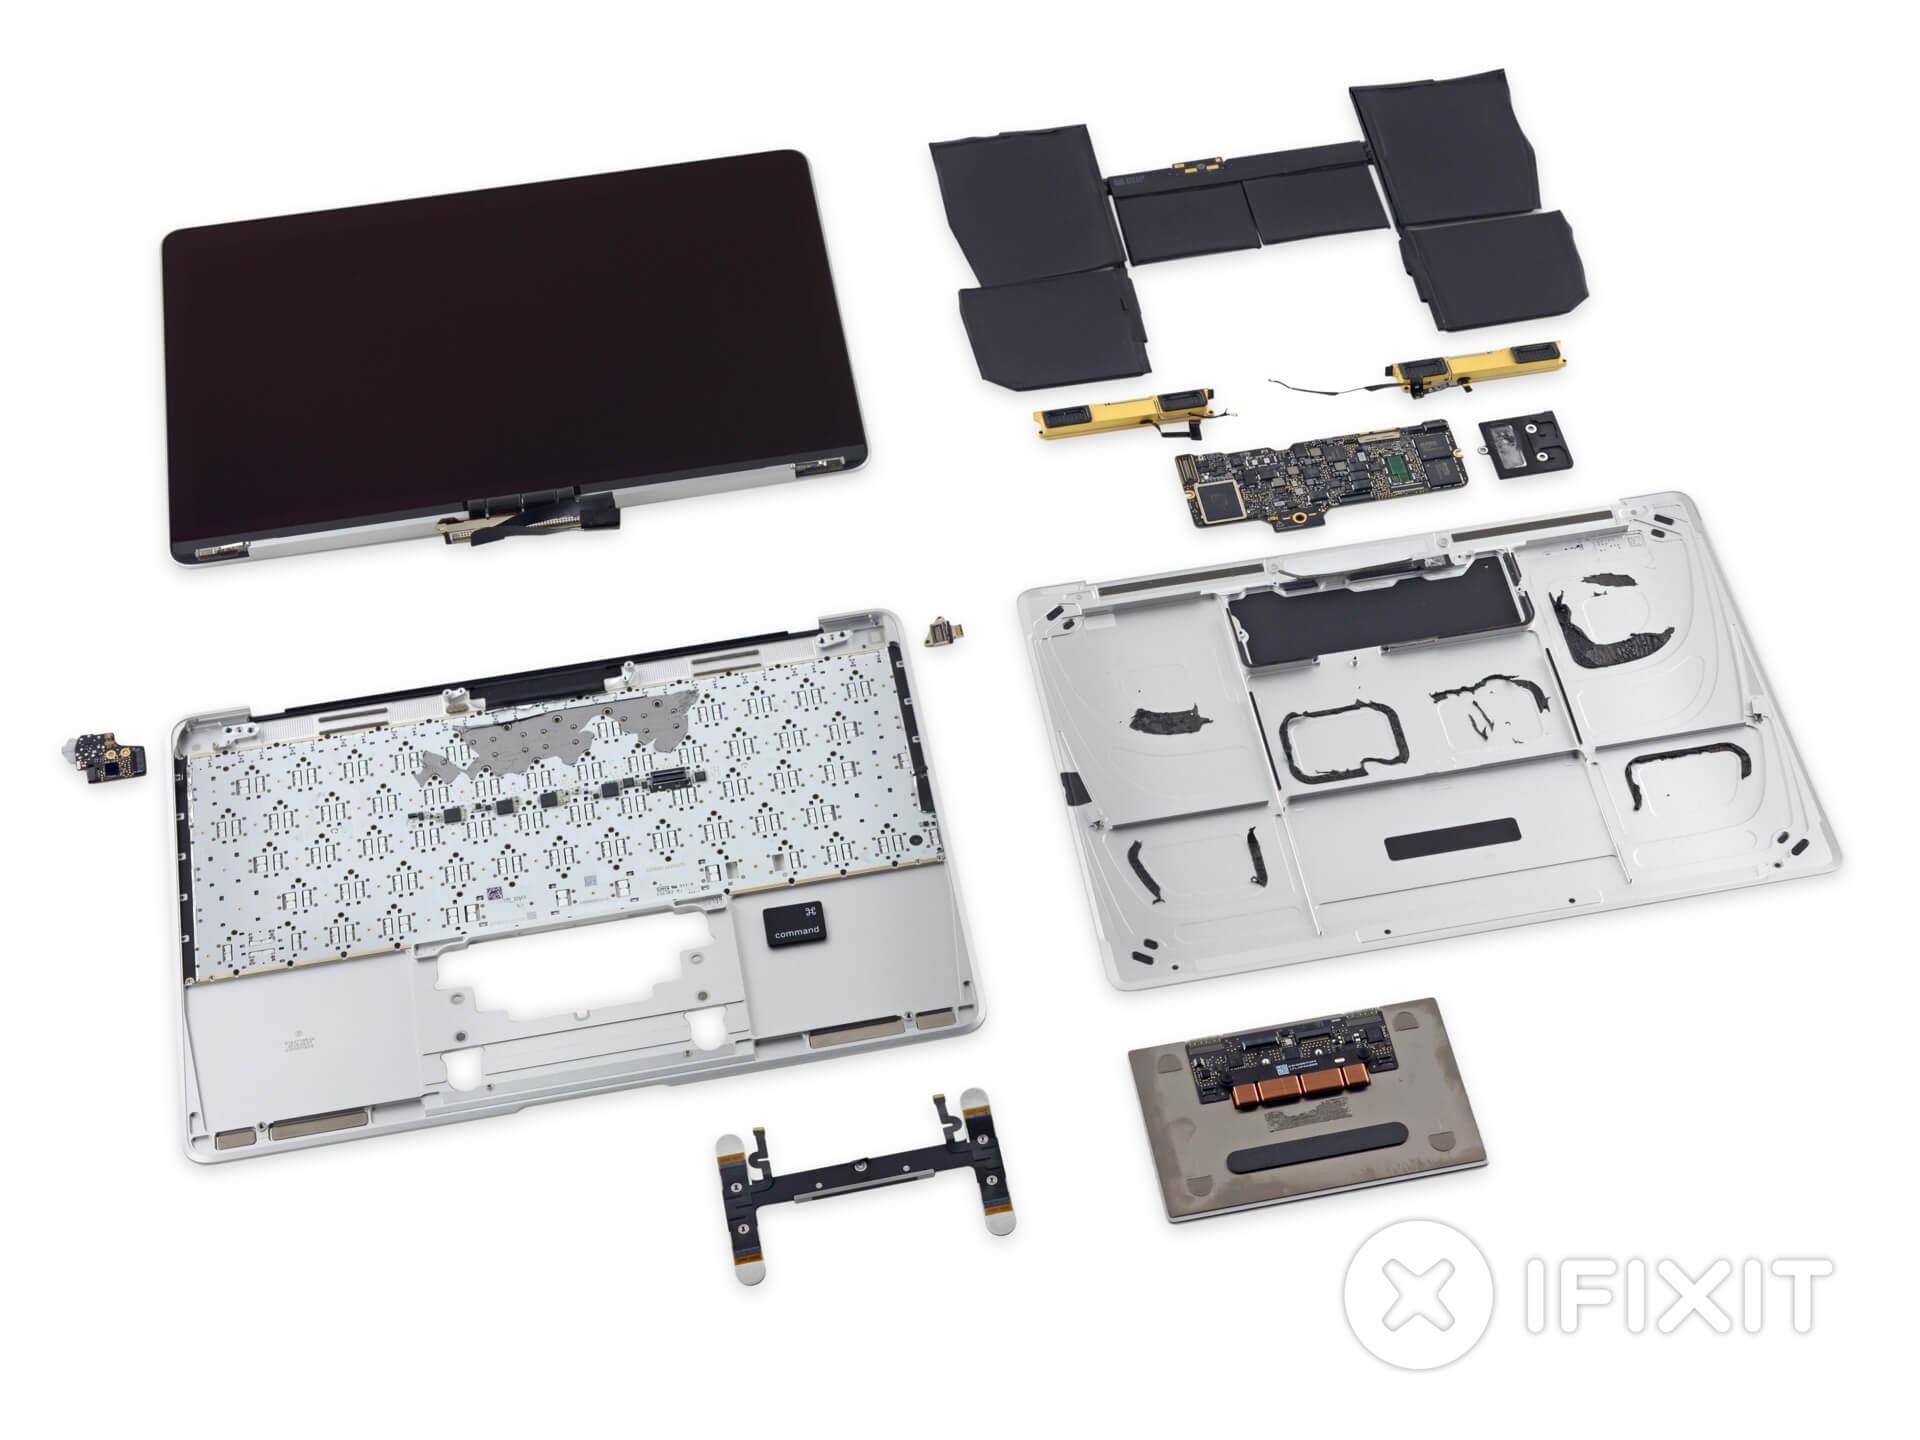 Desmontagem do novo MacBook - iFixit